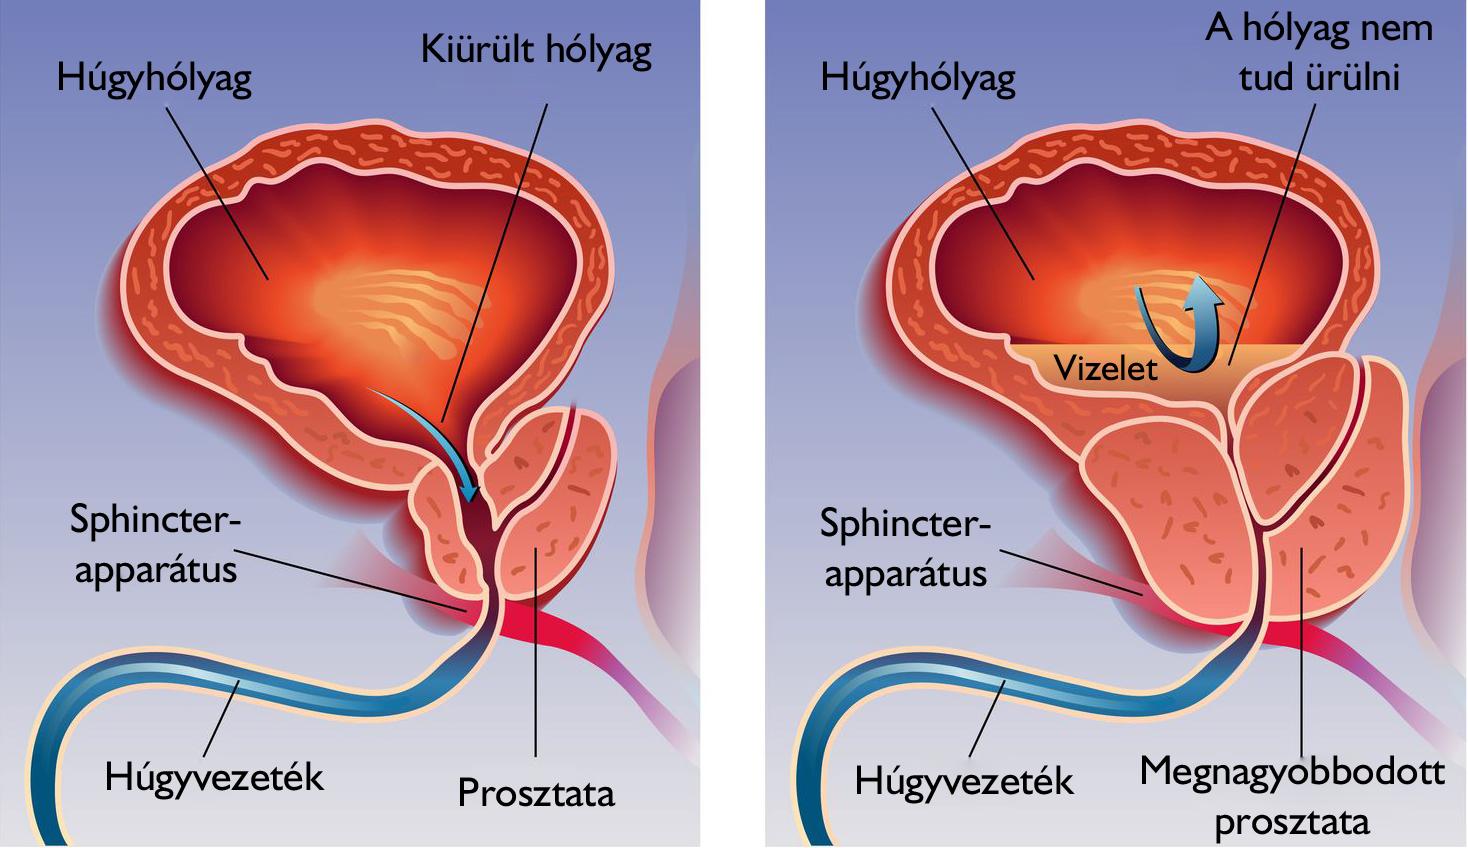 hatékony eszköz az erekció javítására az erekció időtartama férfiaknál 25 évesen